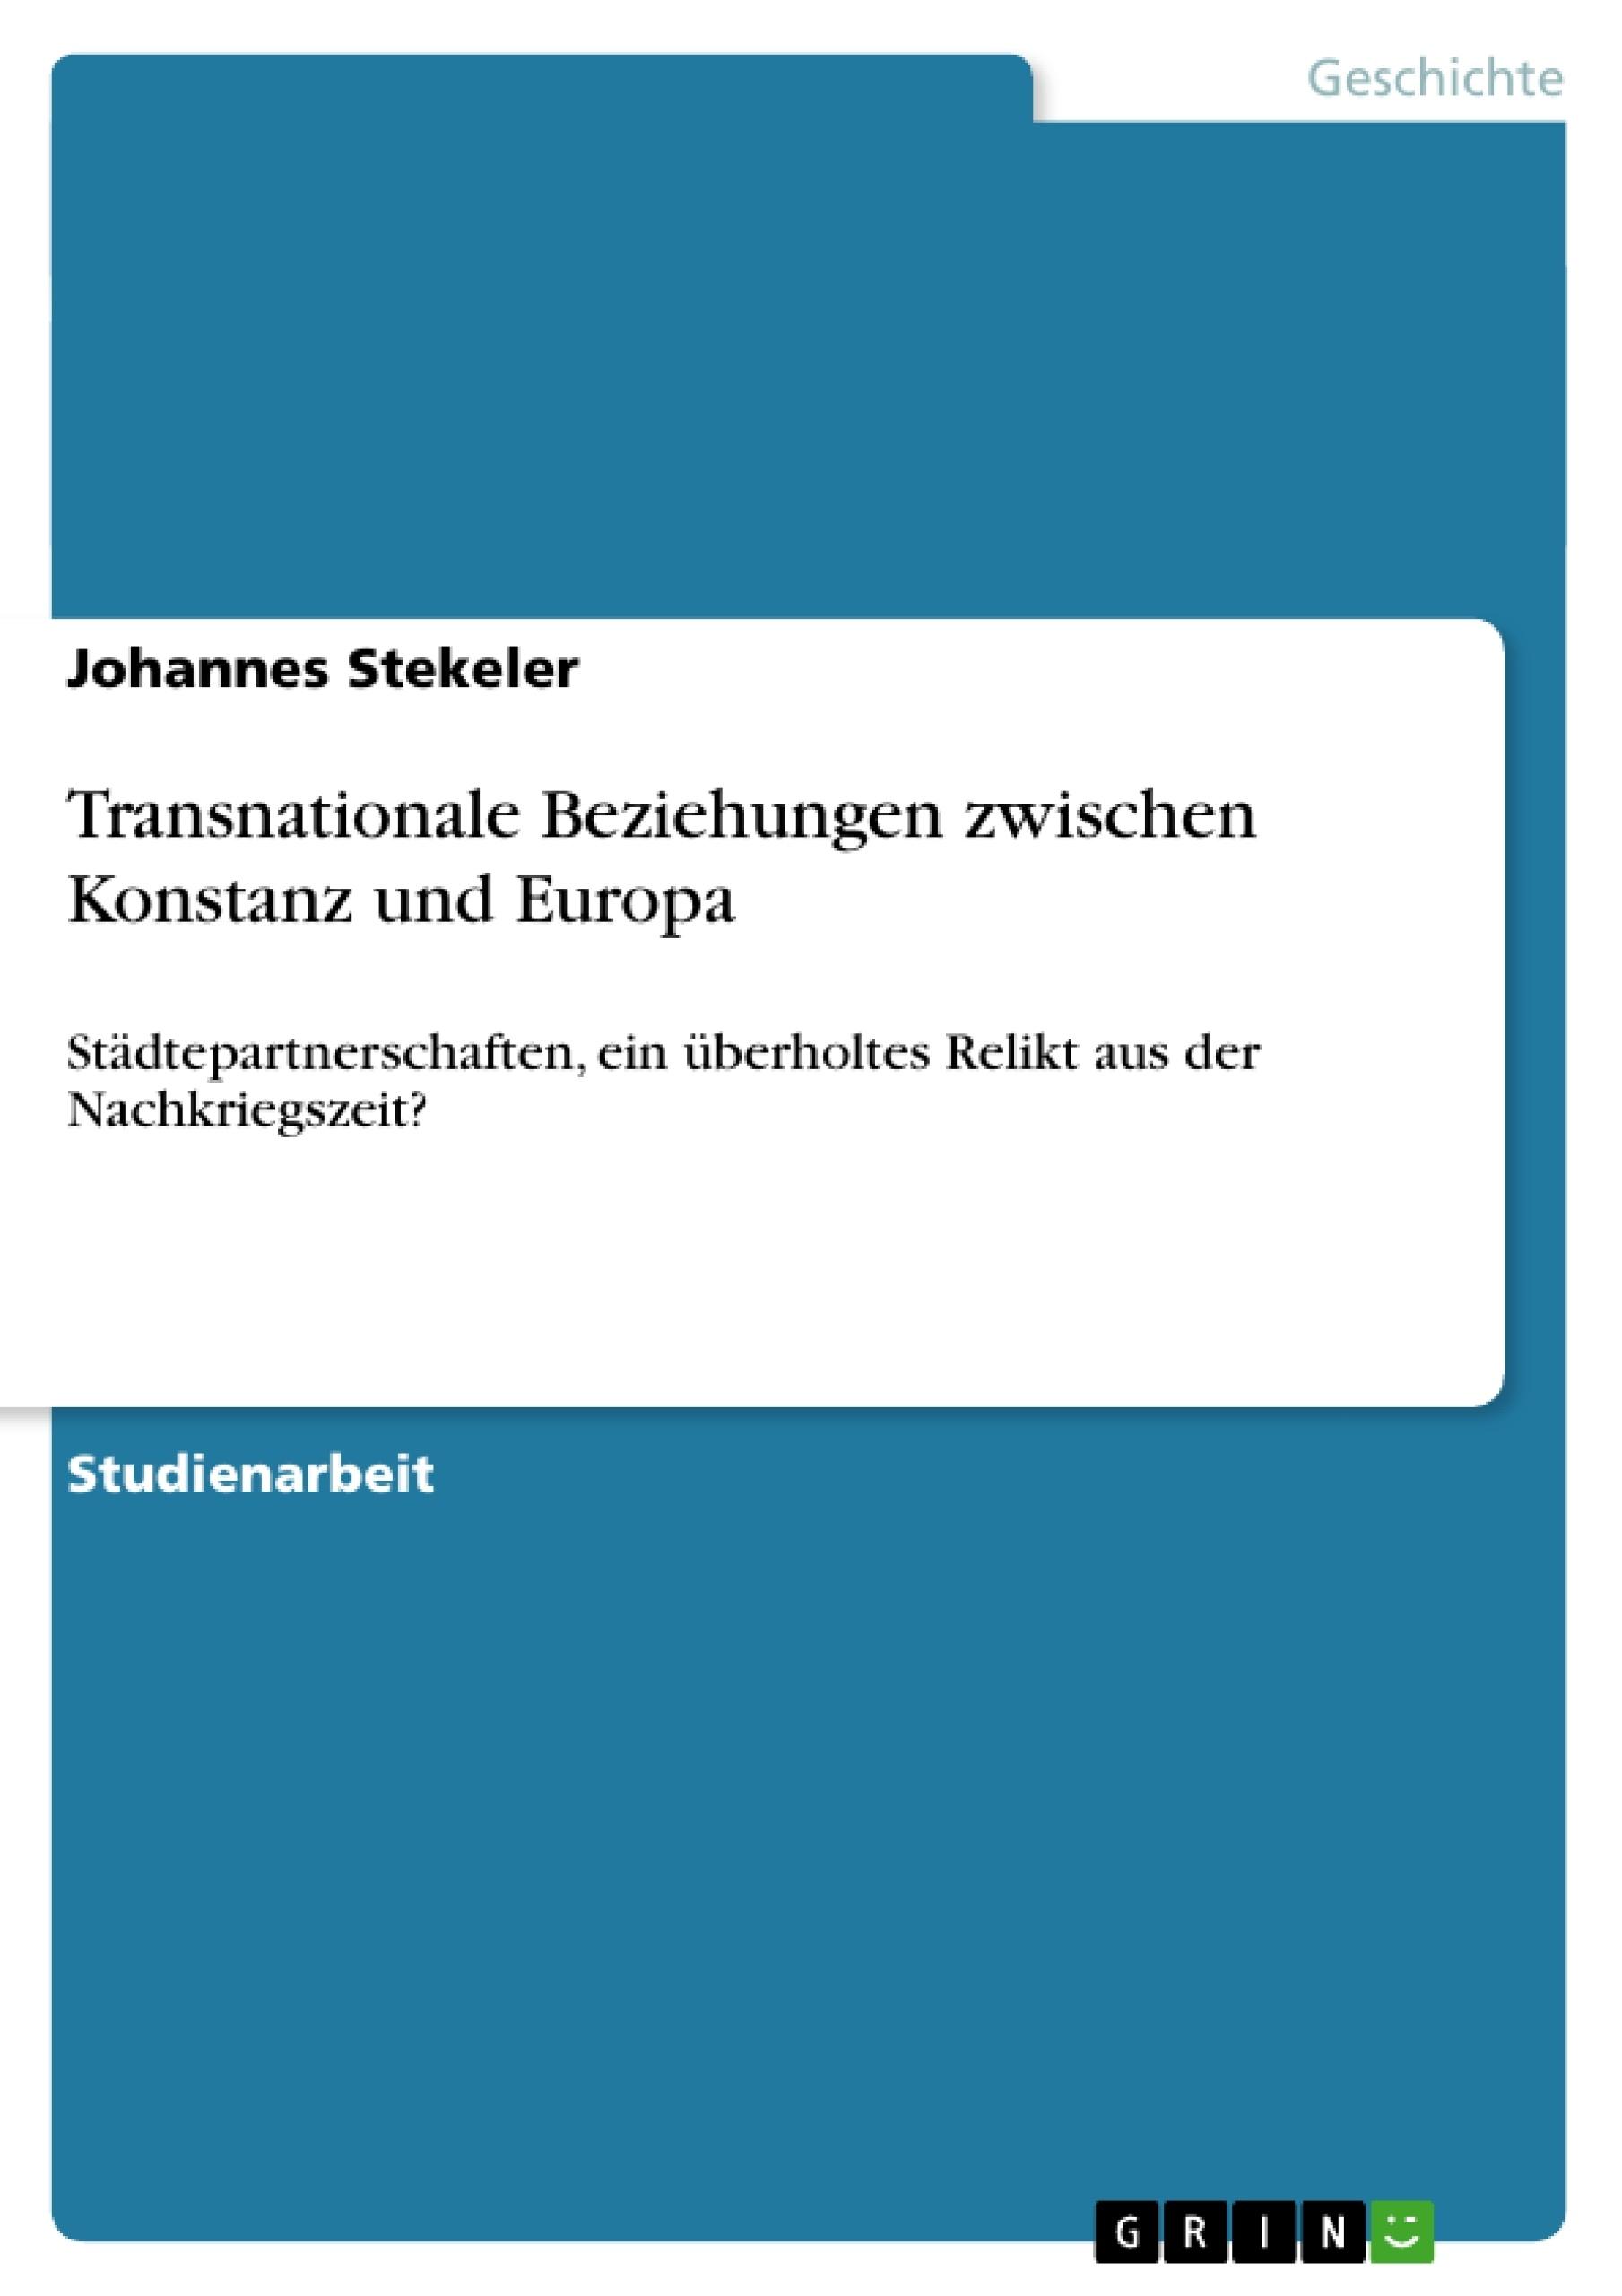 Titel: Transnationale Beziehungen zwischen Konstanz und Europa